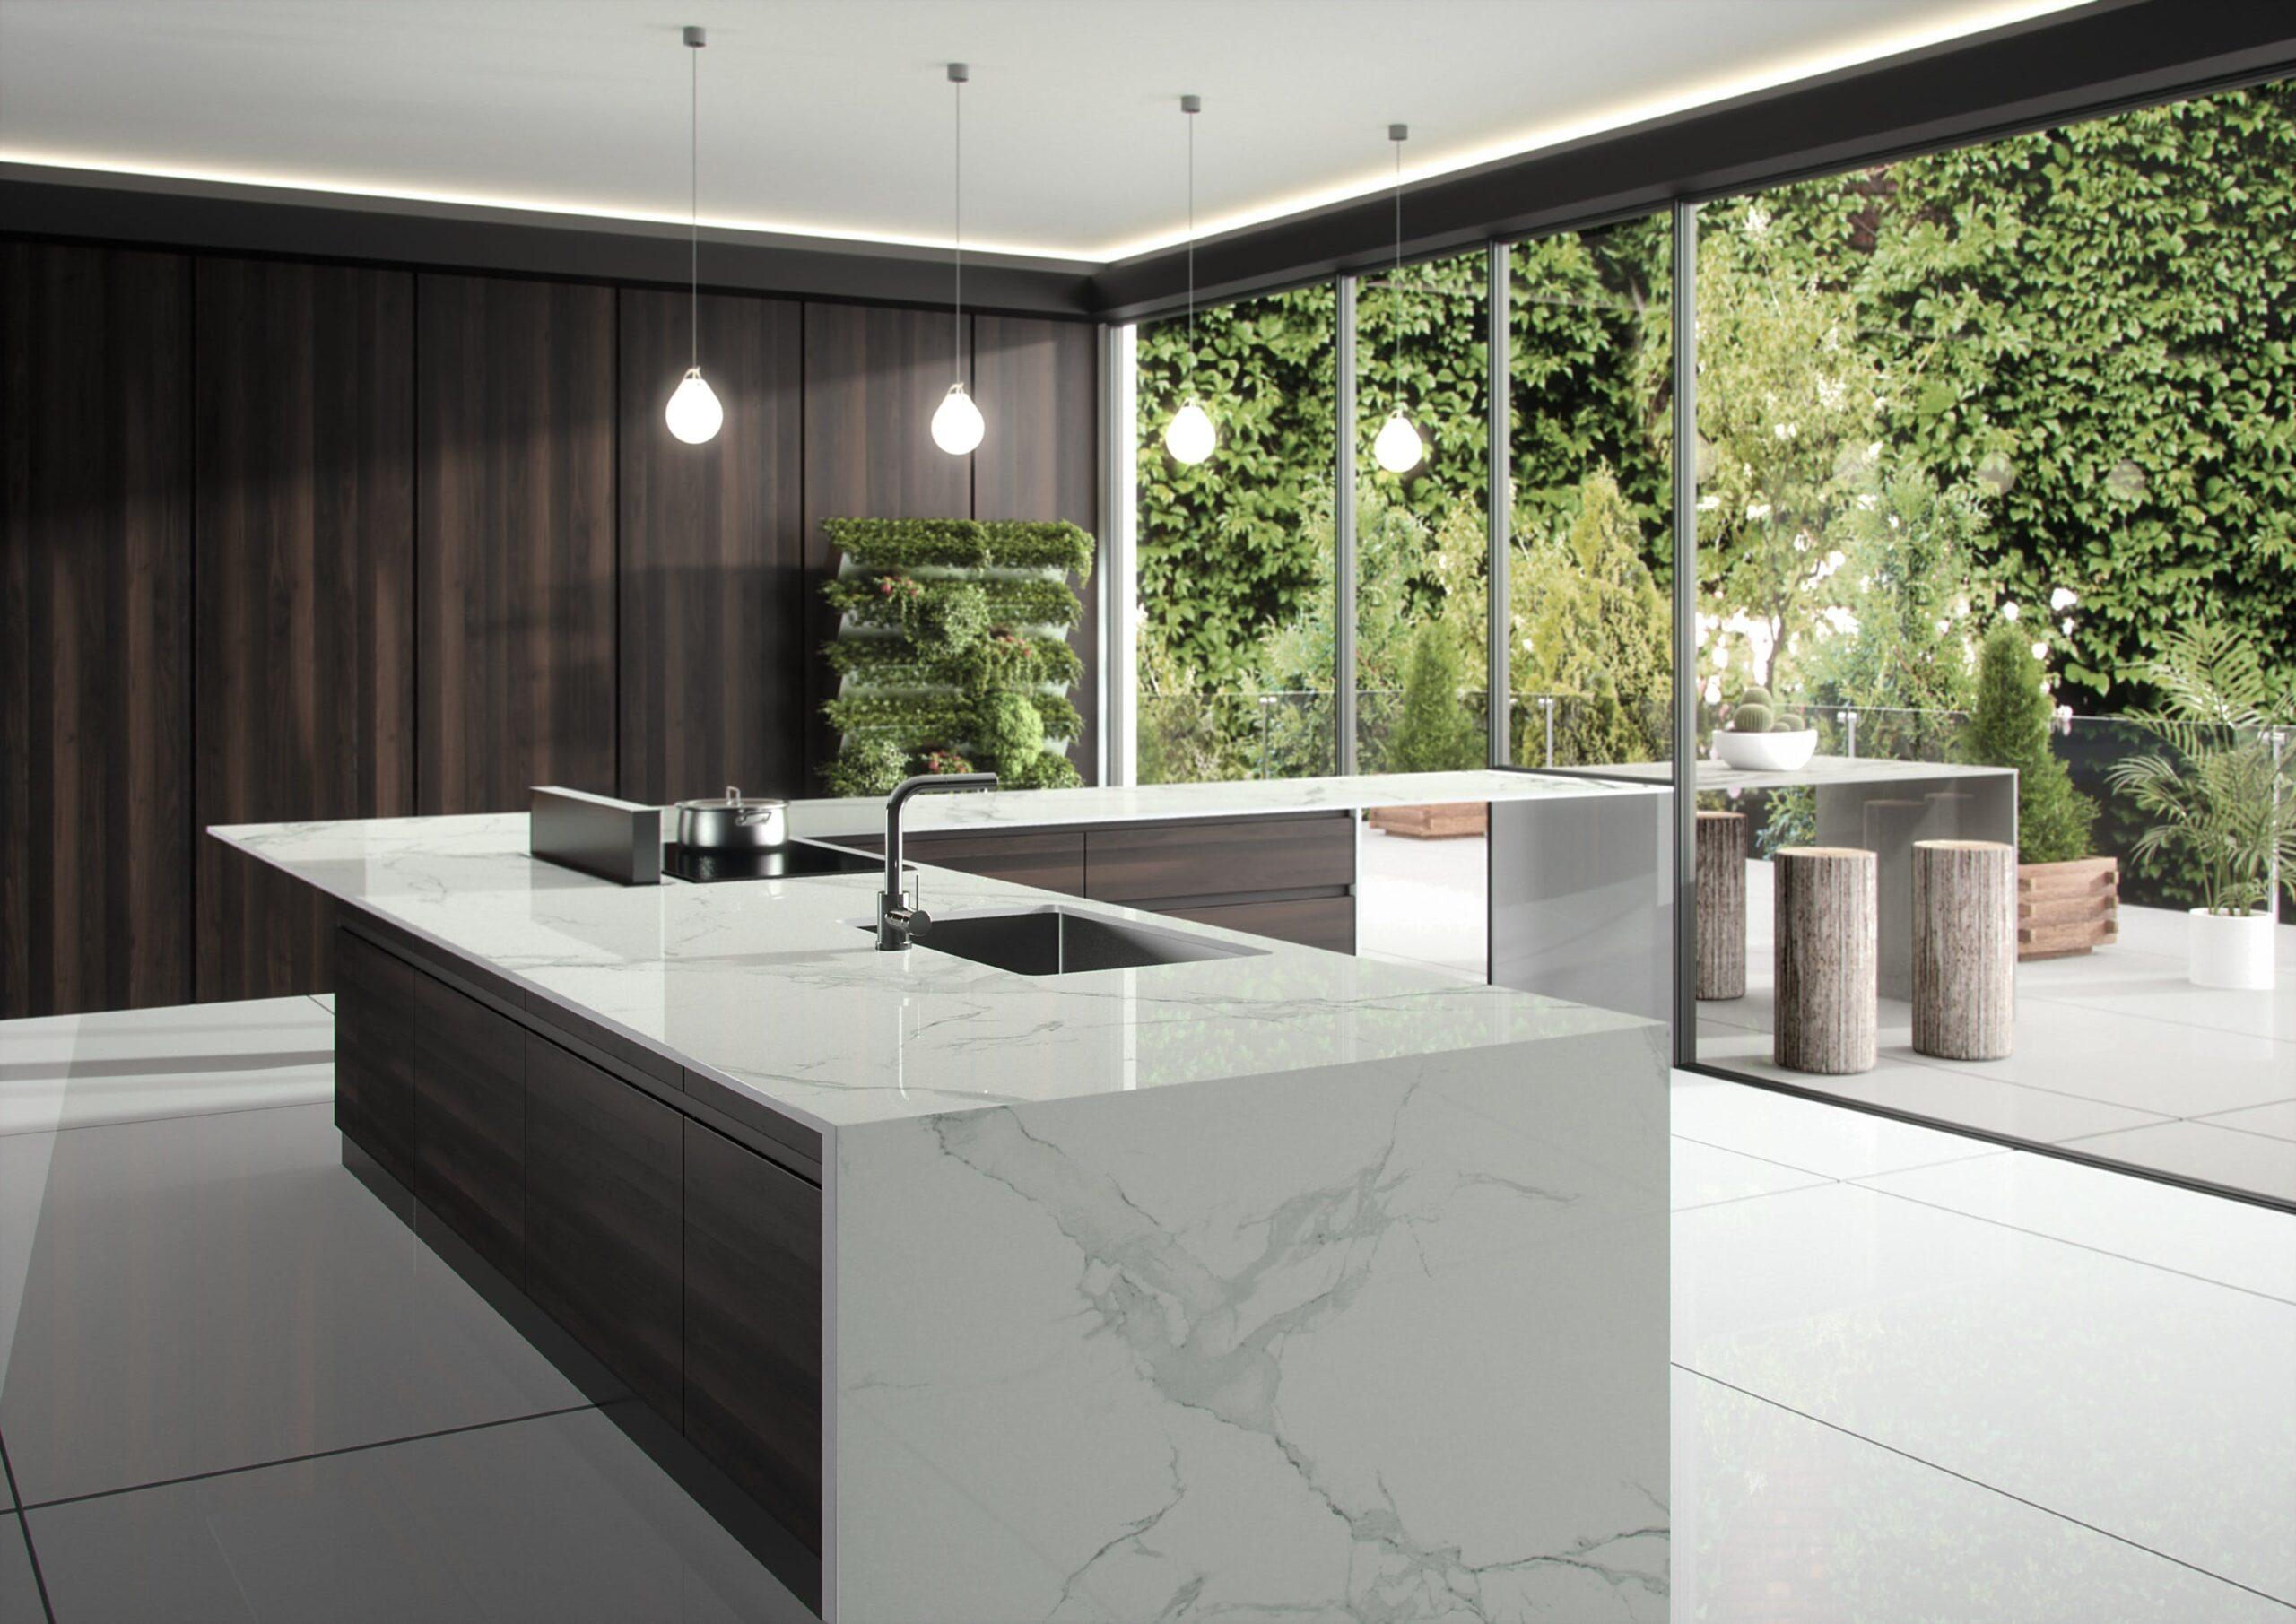 Image of Dekton Natura kitchen countertop LR 5 scaled in Dekton® by Cosentino Introduces Opera and Natura - Cosentino